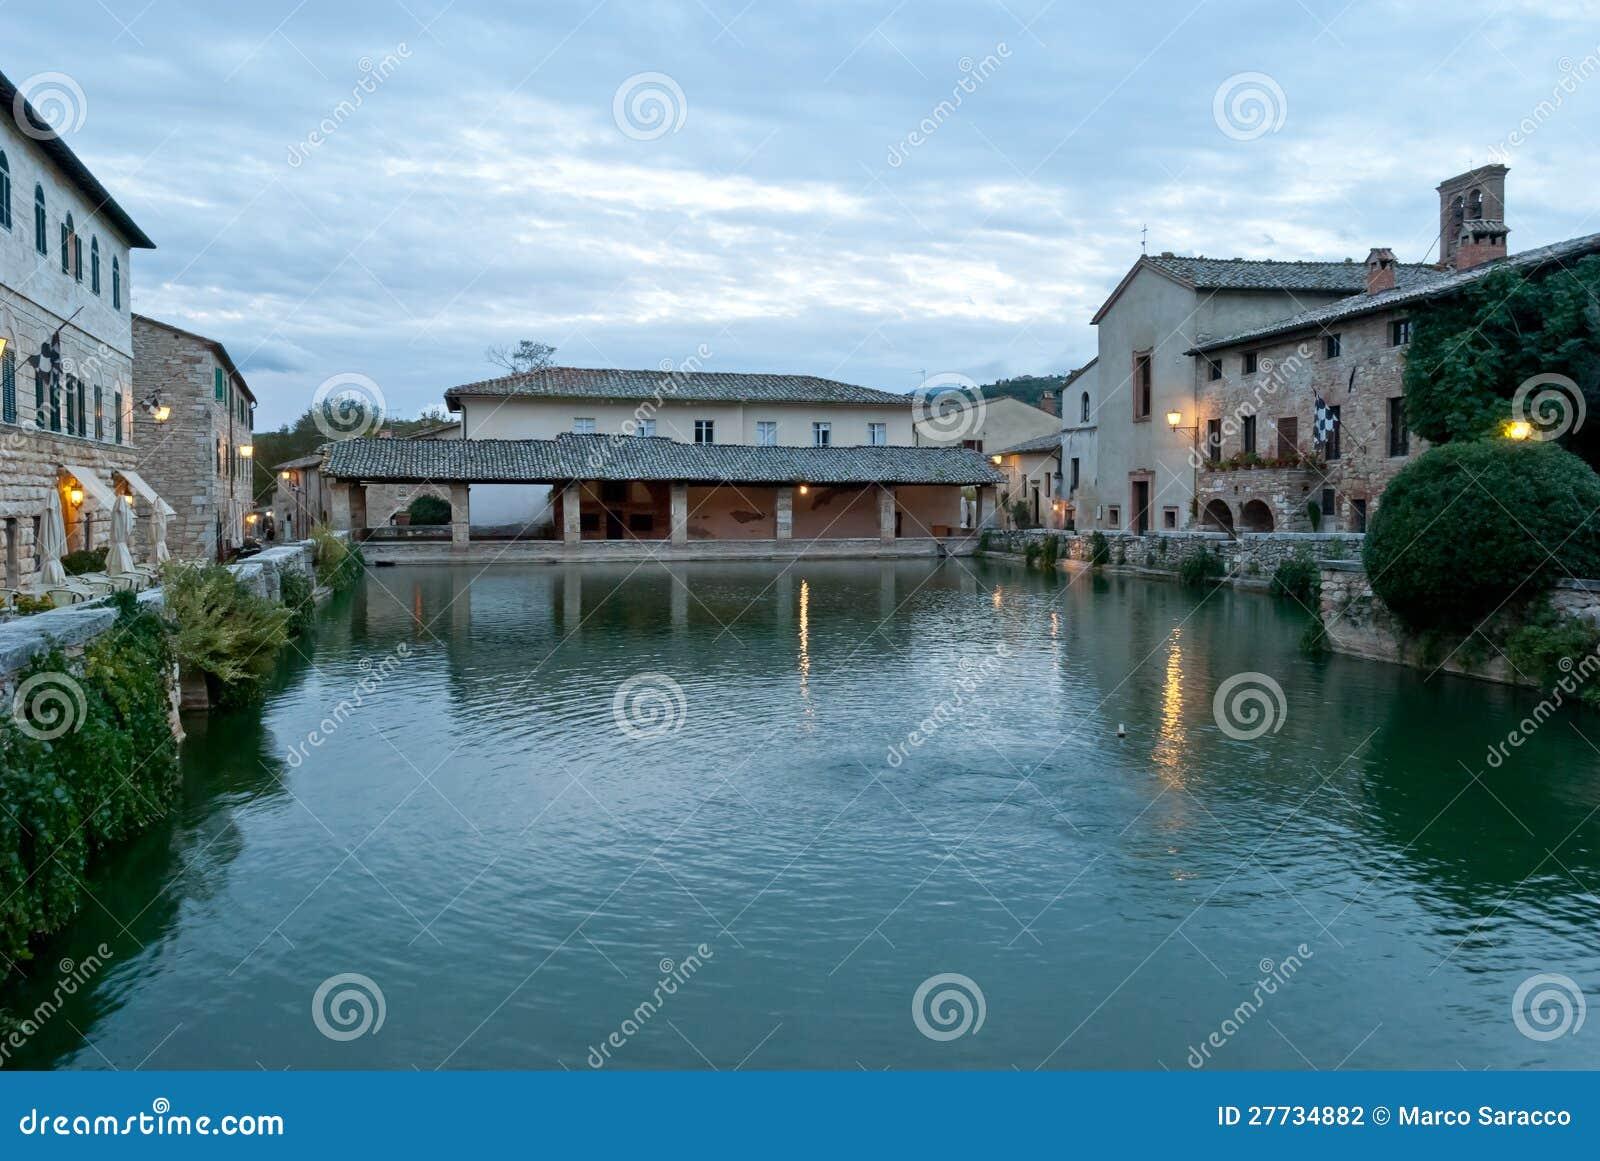 Sorgenti calde di bagno vignoni acque termiche toscana - Bagno vignoni mappa ...